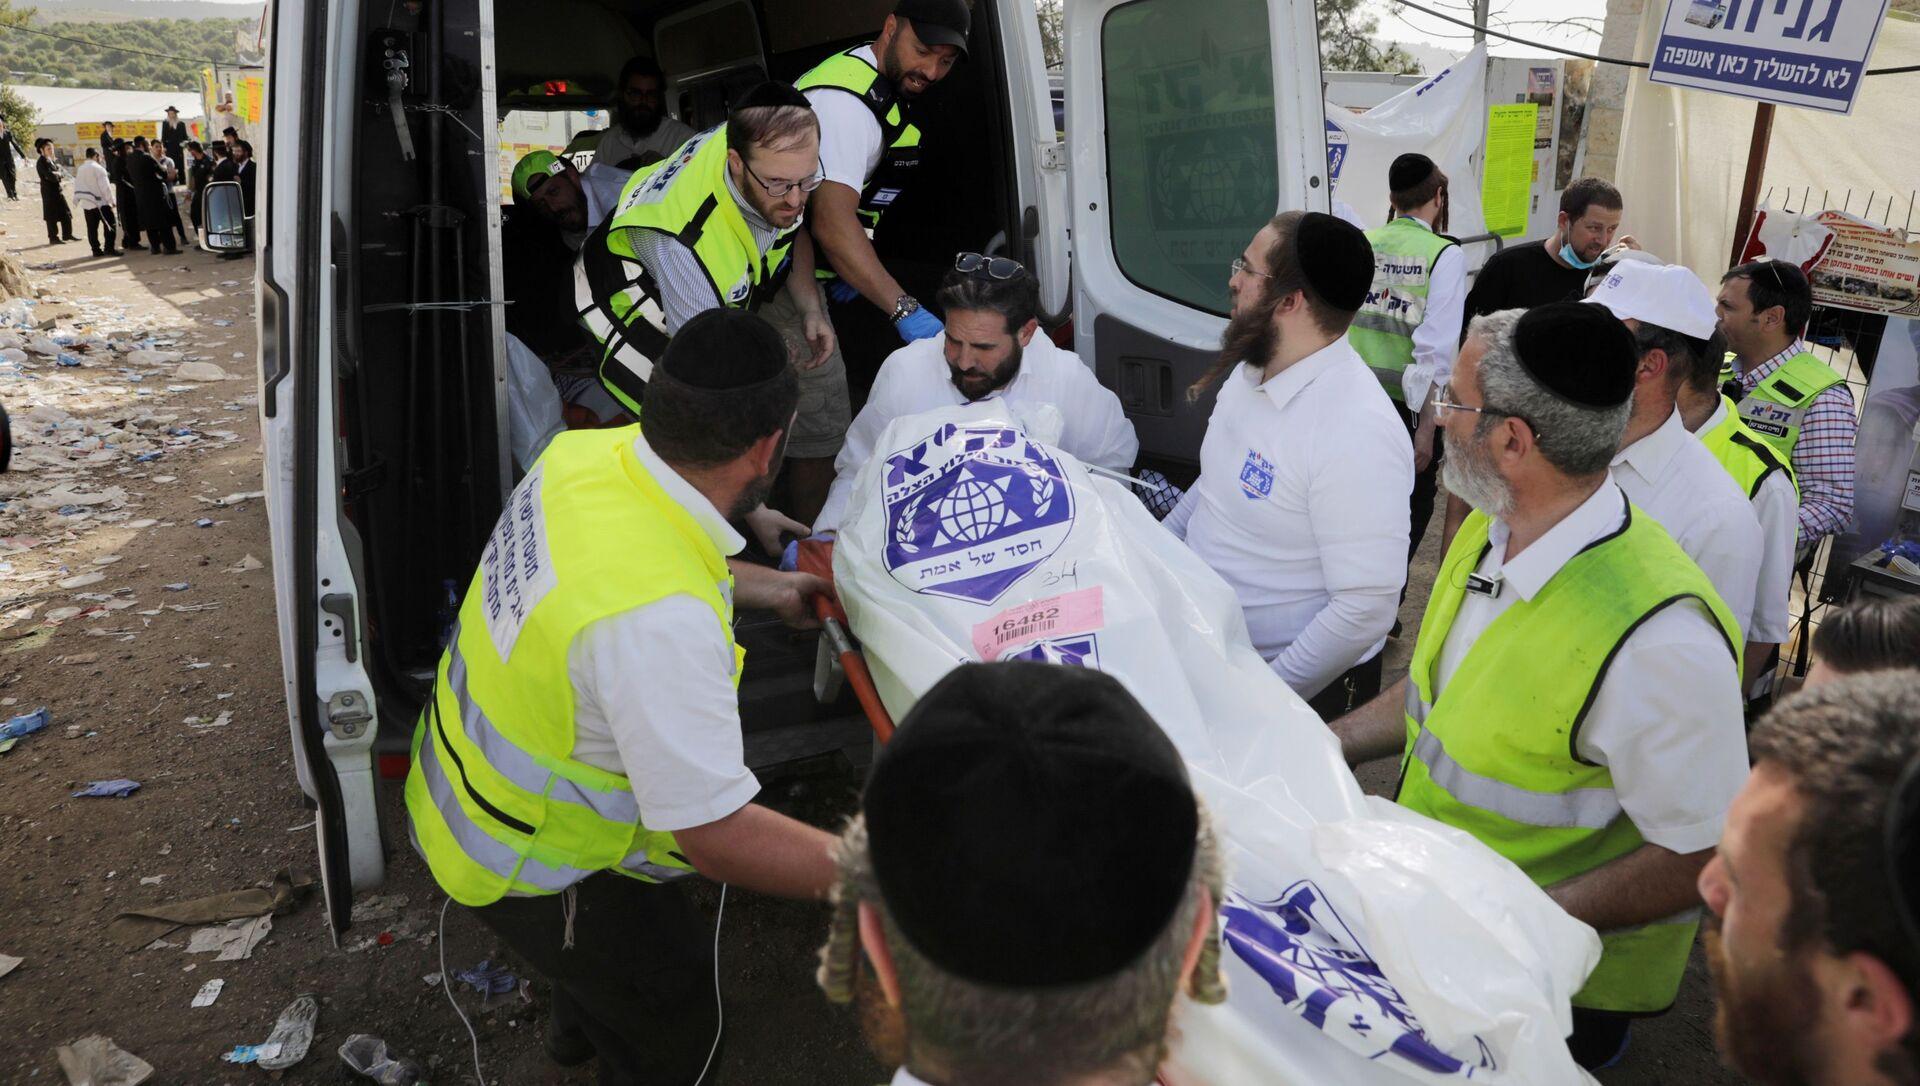 Хитна помоћ одвози тела настрадалих у стампеду на верском фестивалу у Израелу - Sputnik Србија, 1920, 03.05.2021